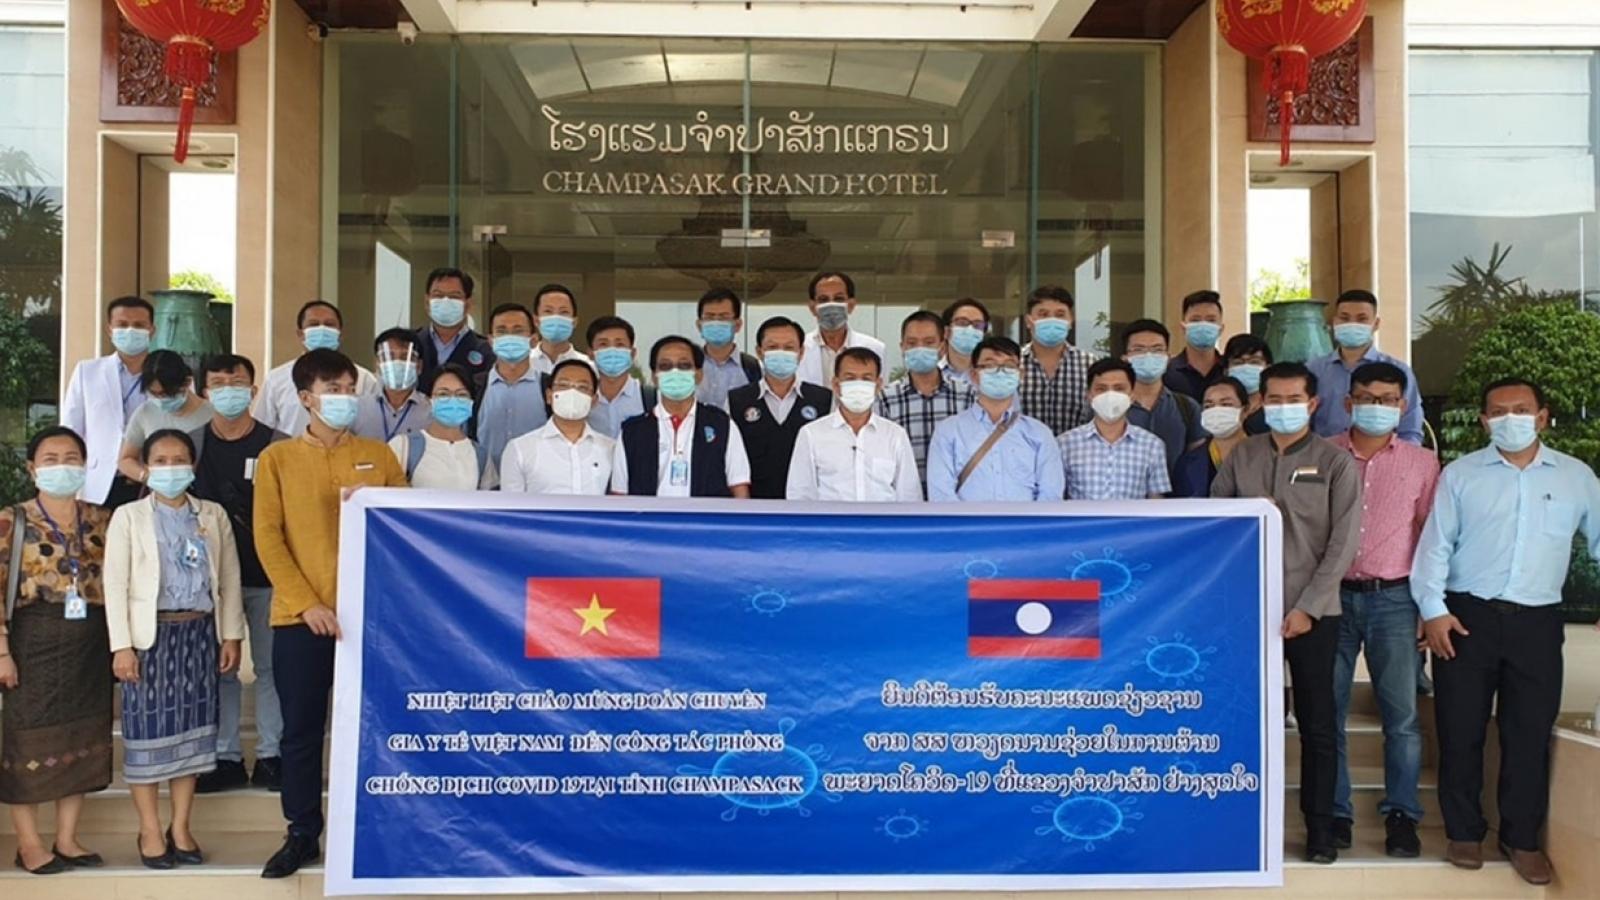 Đoàn bác sĩ, chuyên gia Việt Nam hỗ trợ Lào chống dịch COVID-19